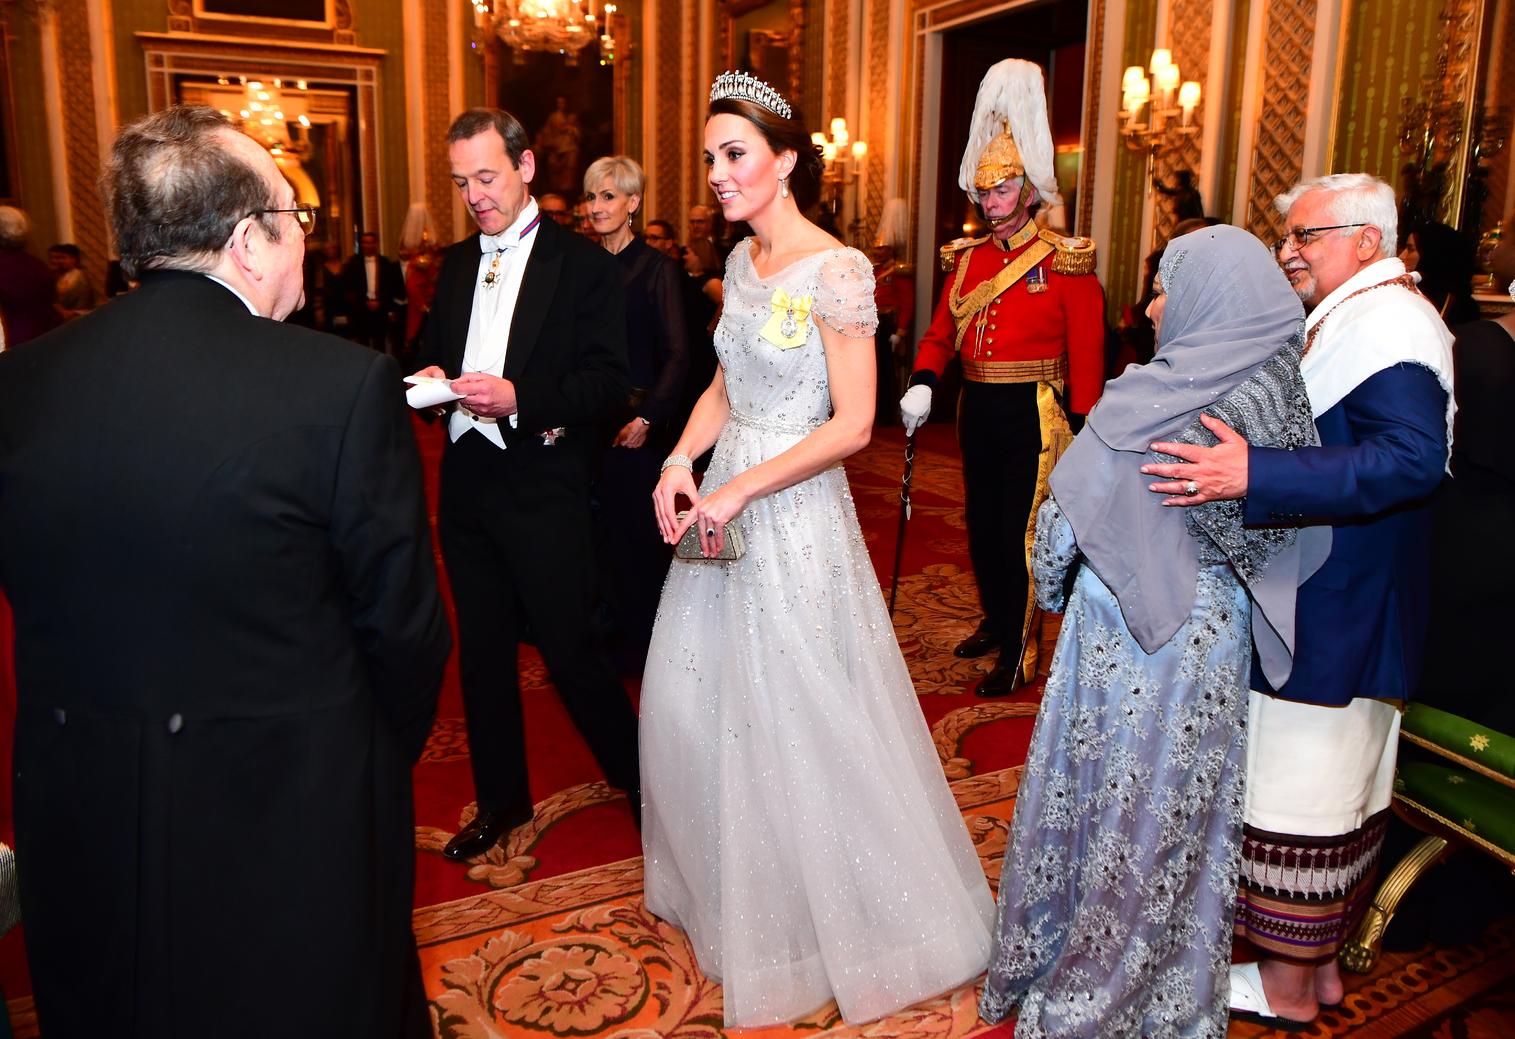 Katalin hercegné a Buckingham-palotában rendezett diplomáciai vacsorán (Fotó: Getty Images)